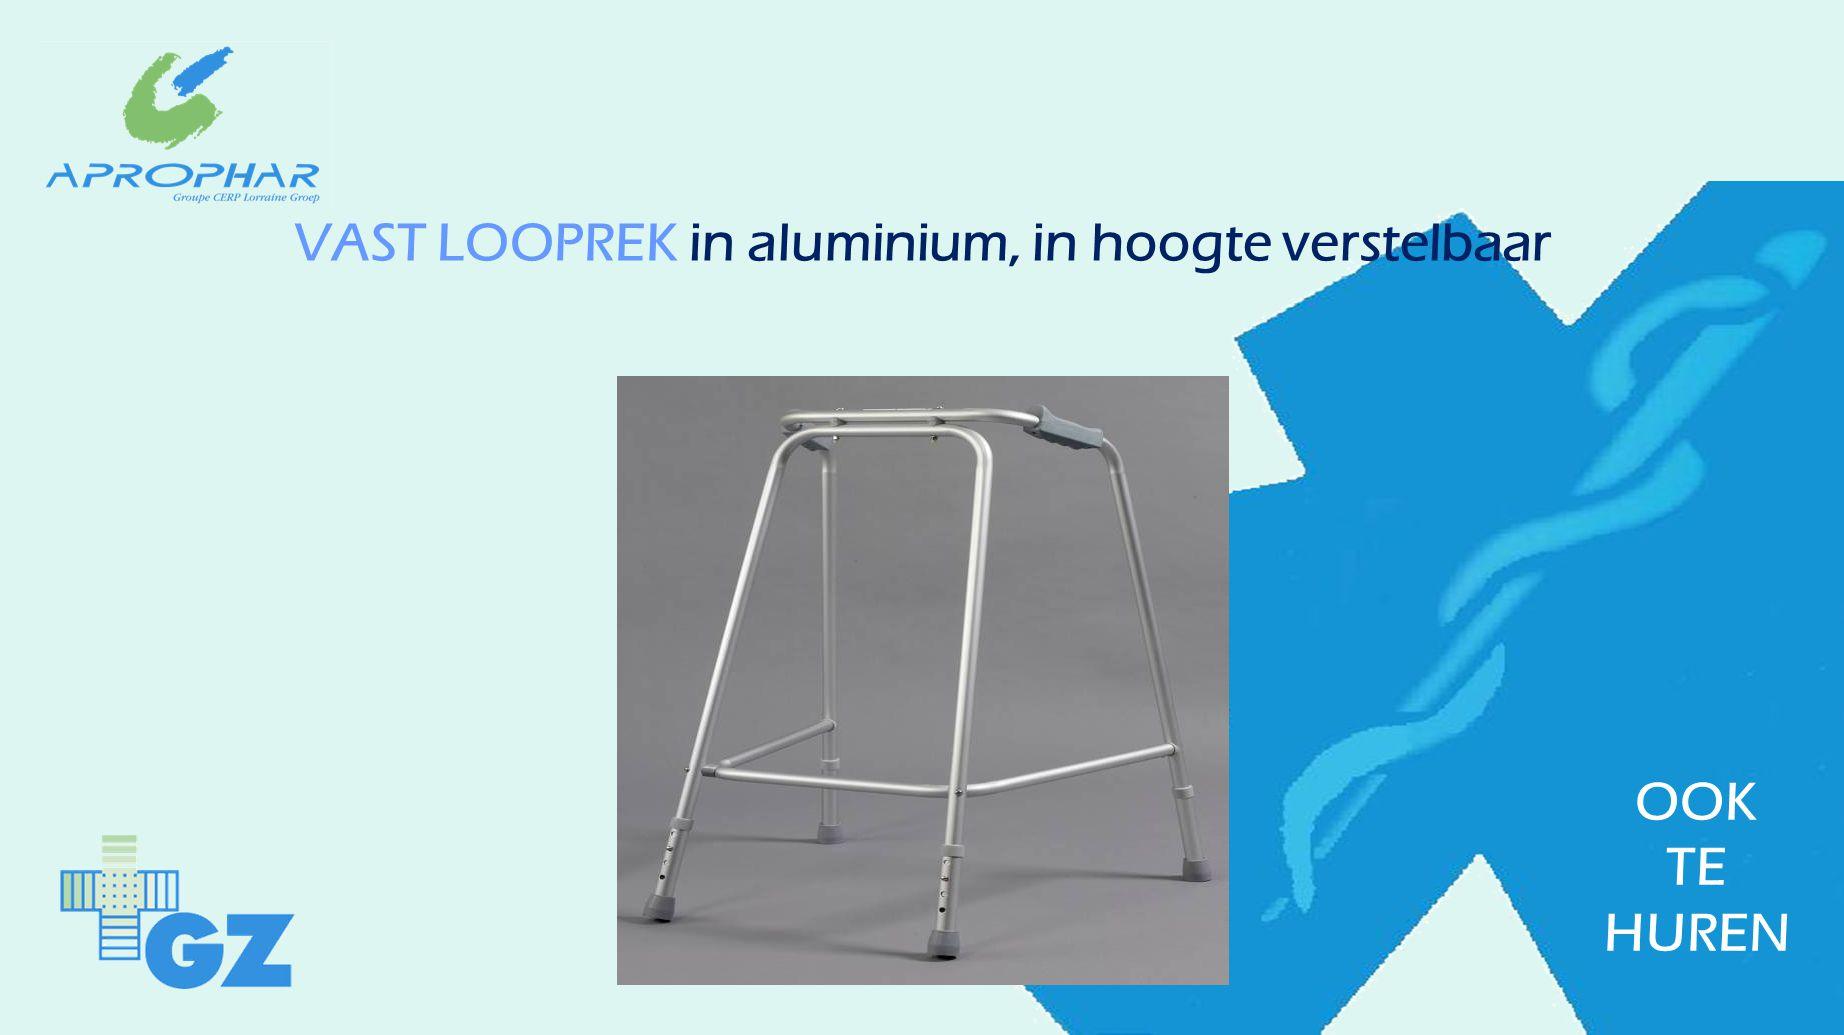 VAST LOOPREK in aluminium, in hoogte verstelbaar OOK TE HUREN